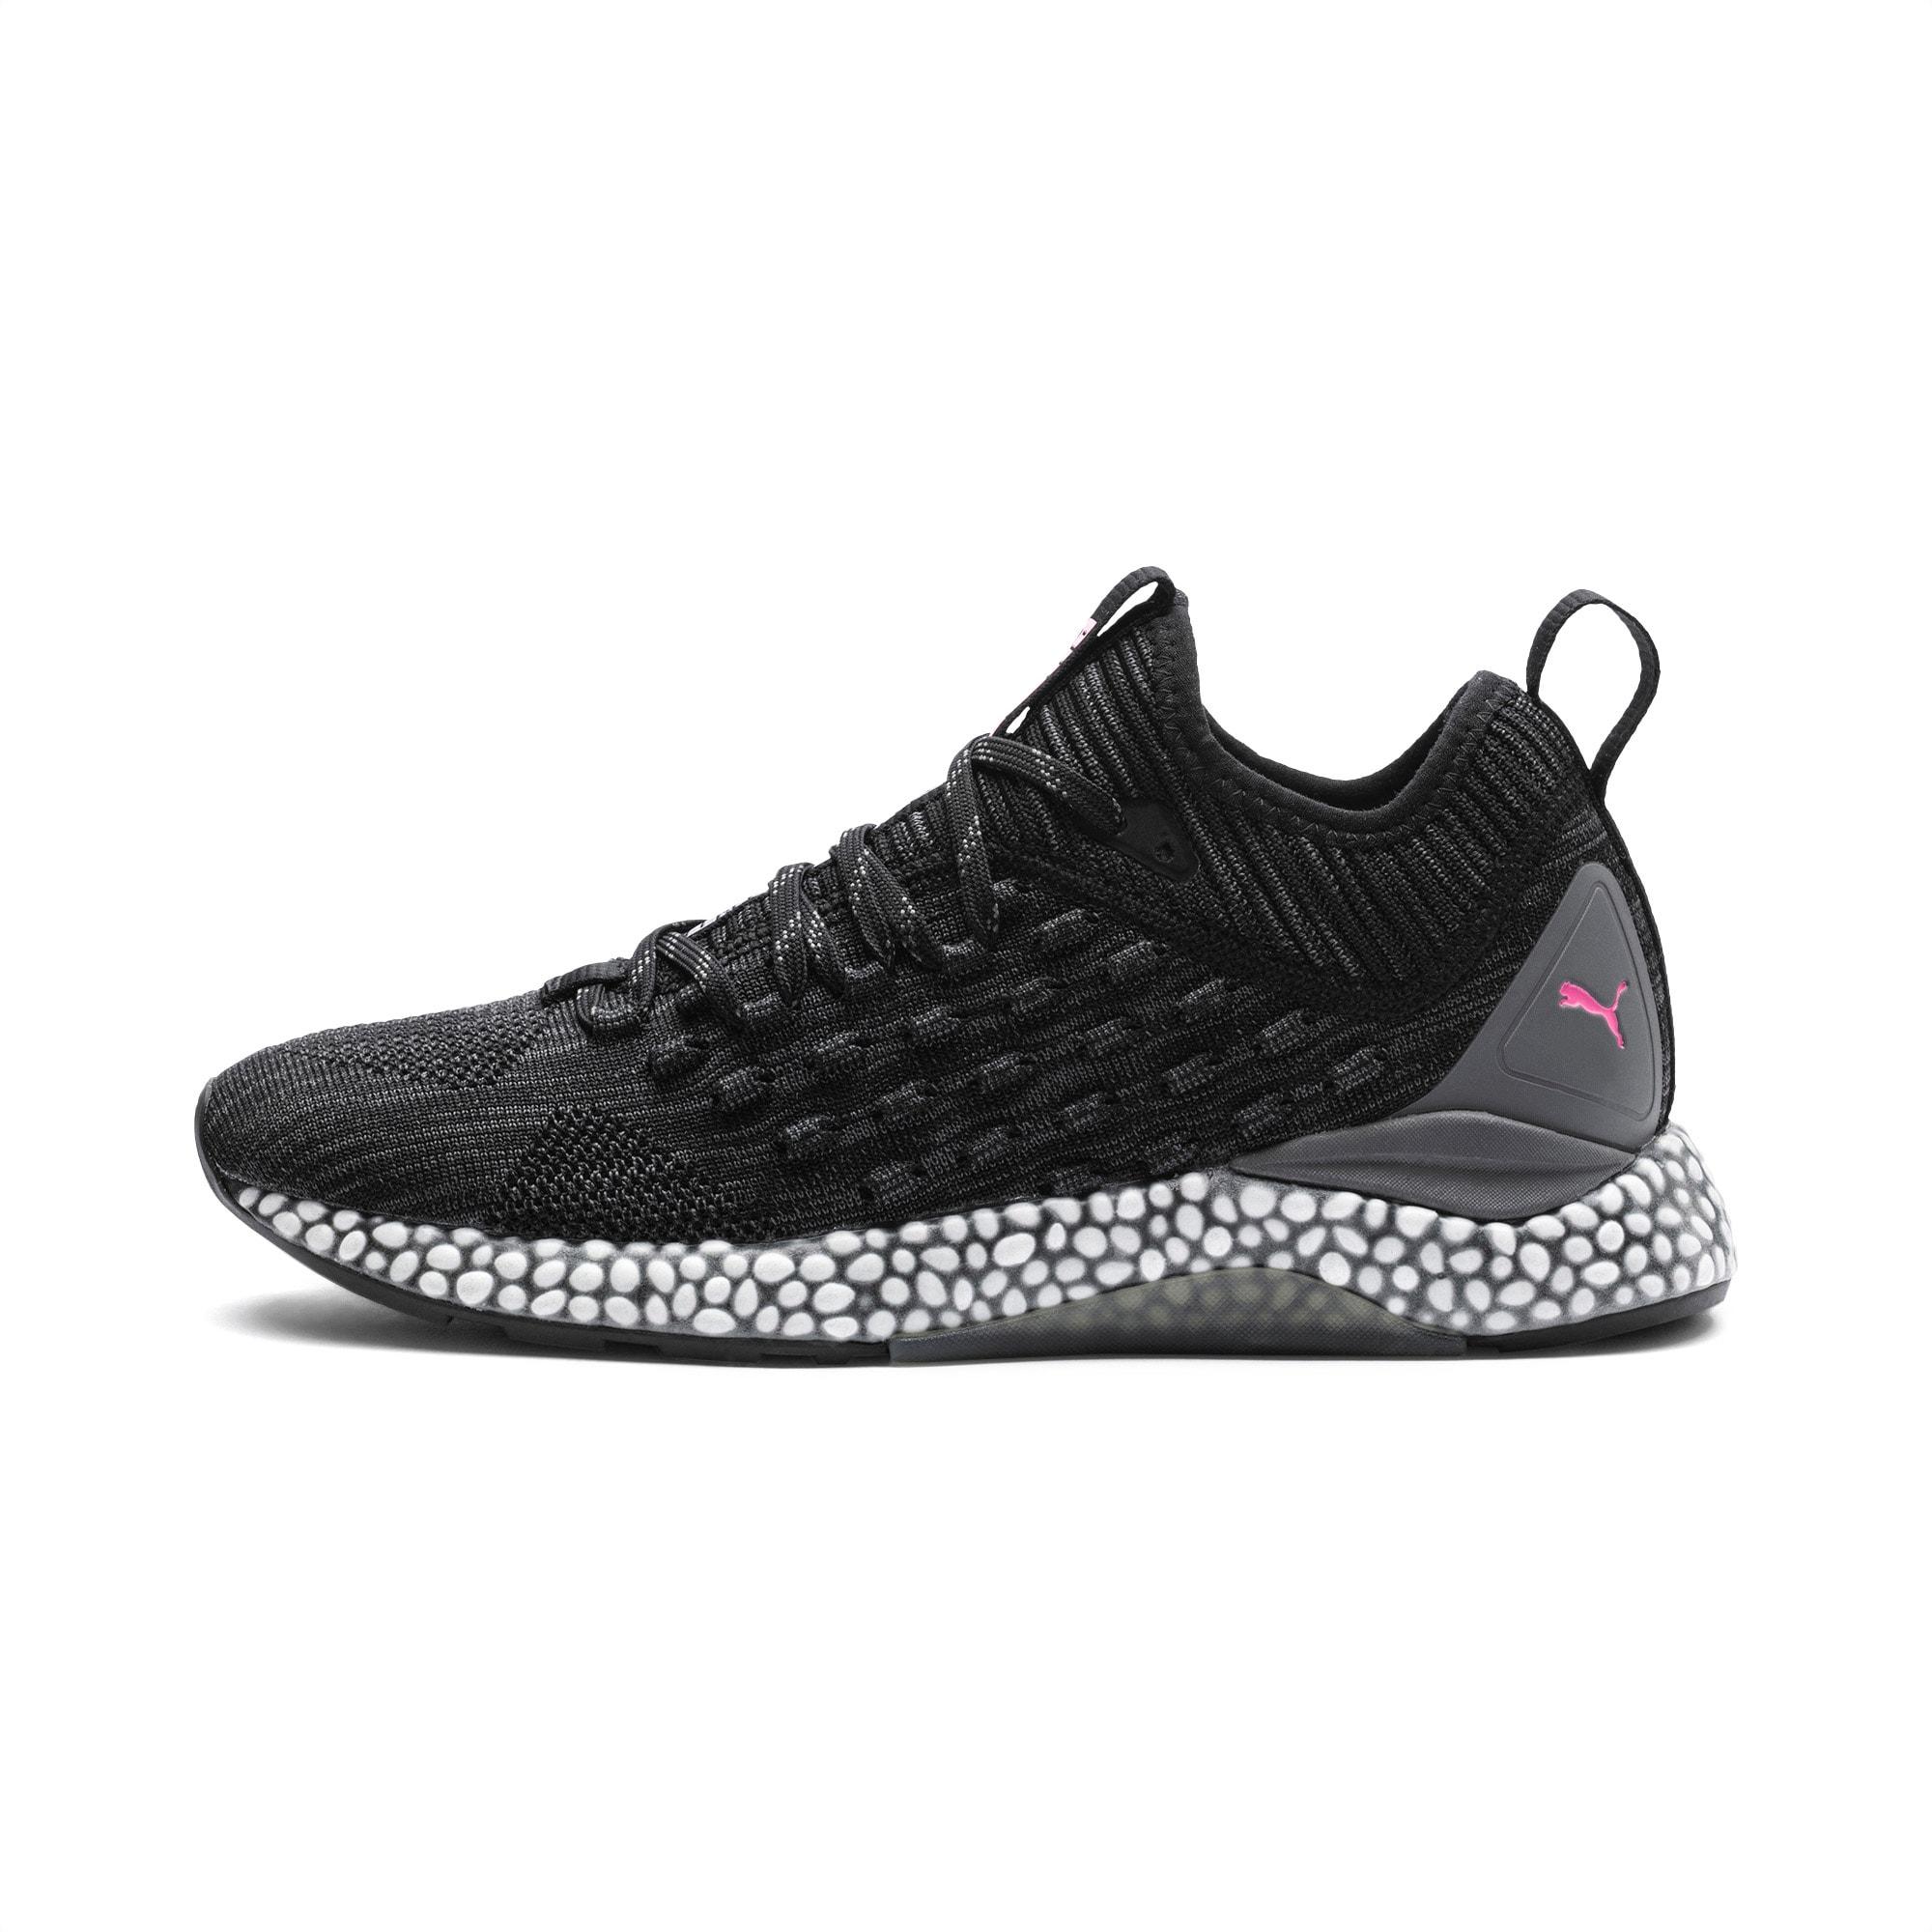 HYBRID Runner FUSEFIT Women's Running Shoes